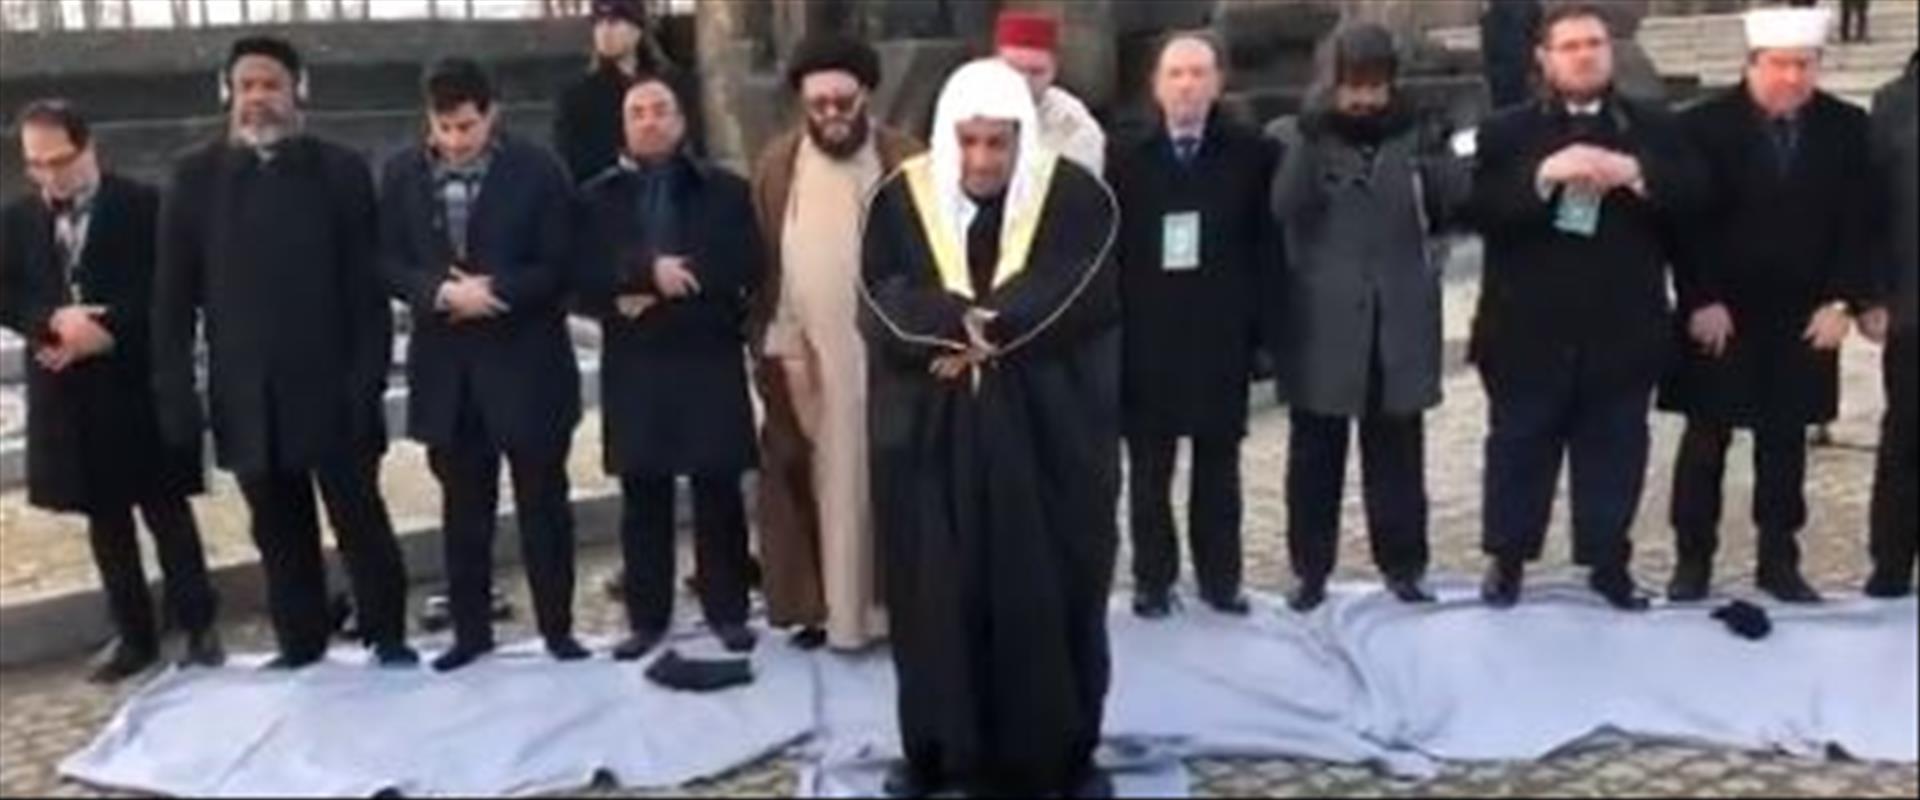 איש דת סעודי באושוויץ